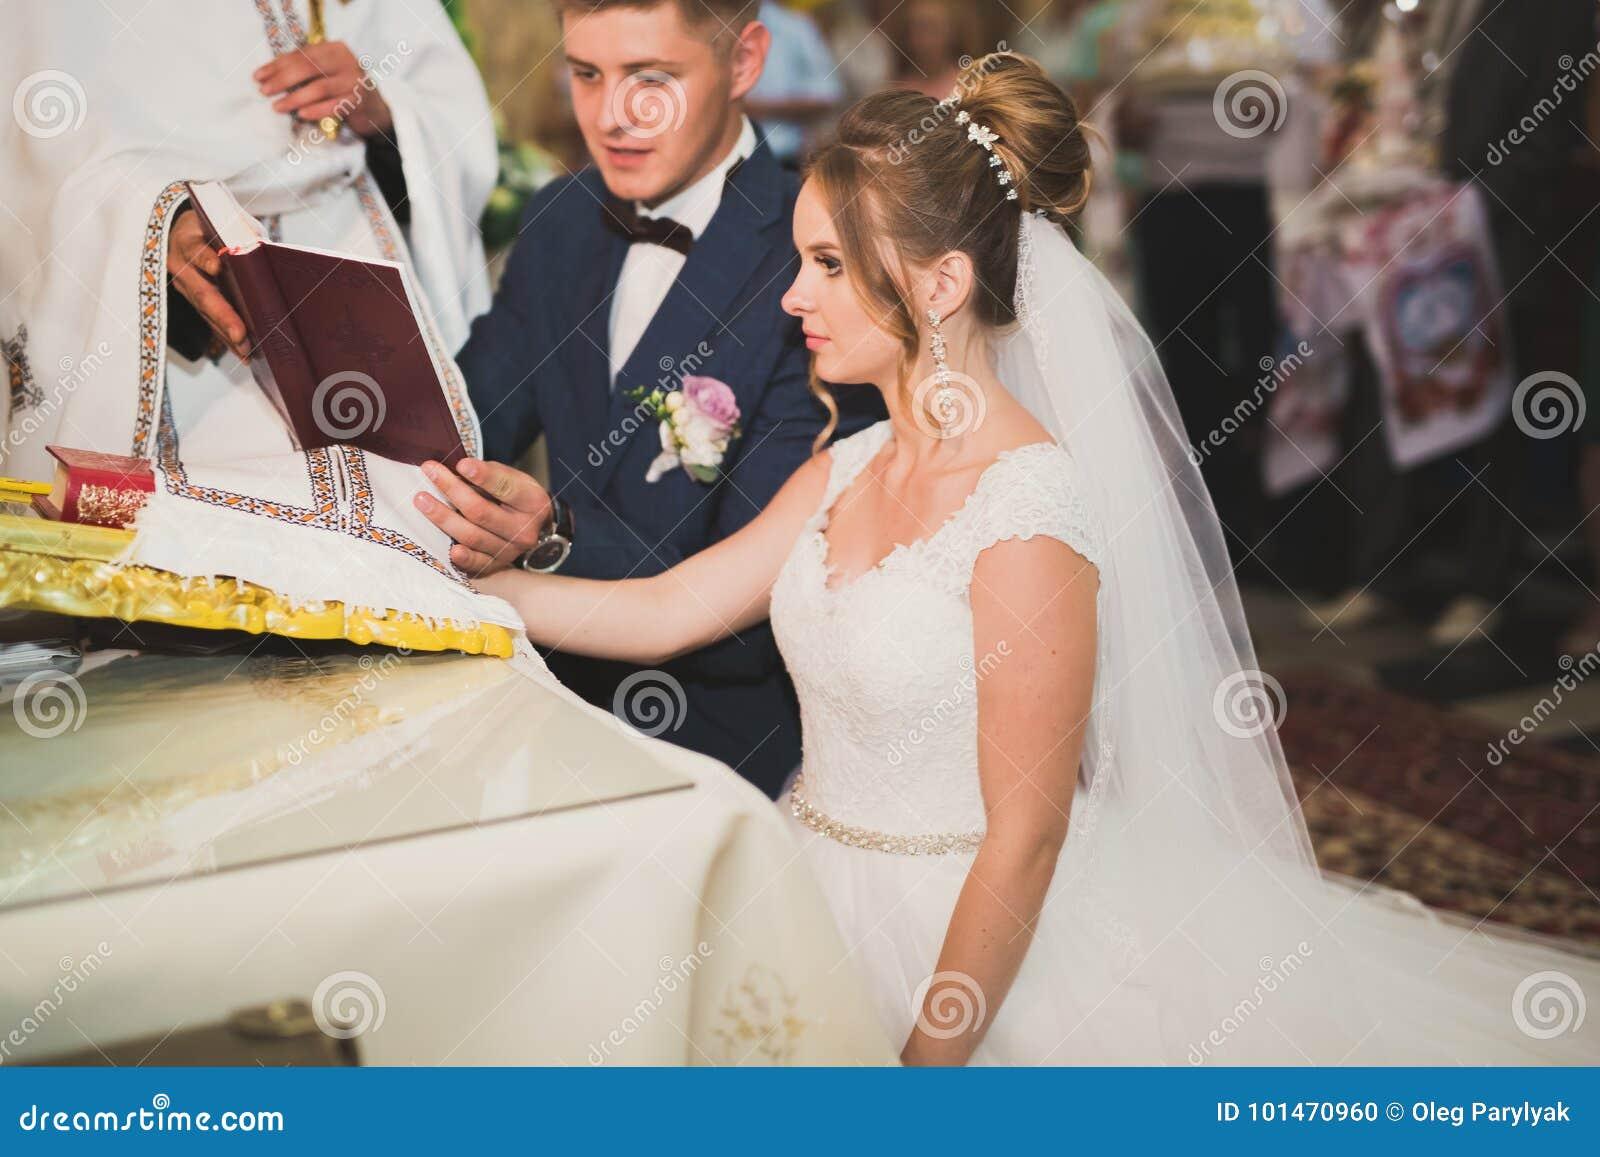 Casandose A La Pareja Permanezca Y El Novio Consigue Casado En Una